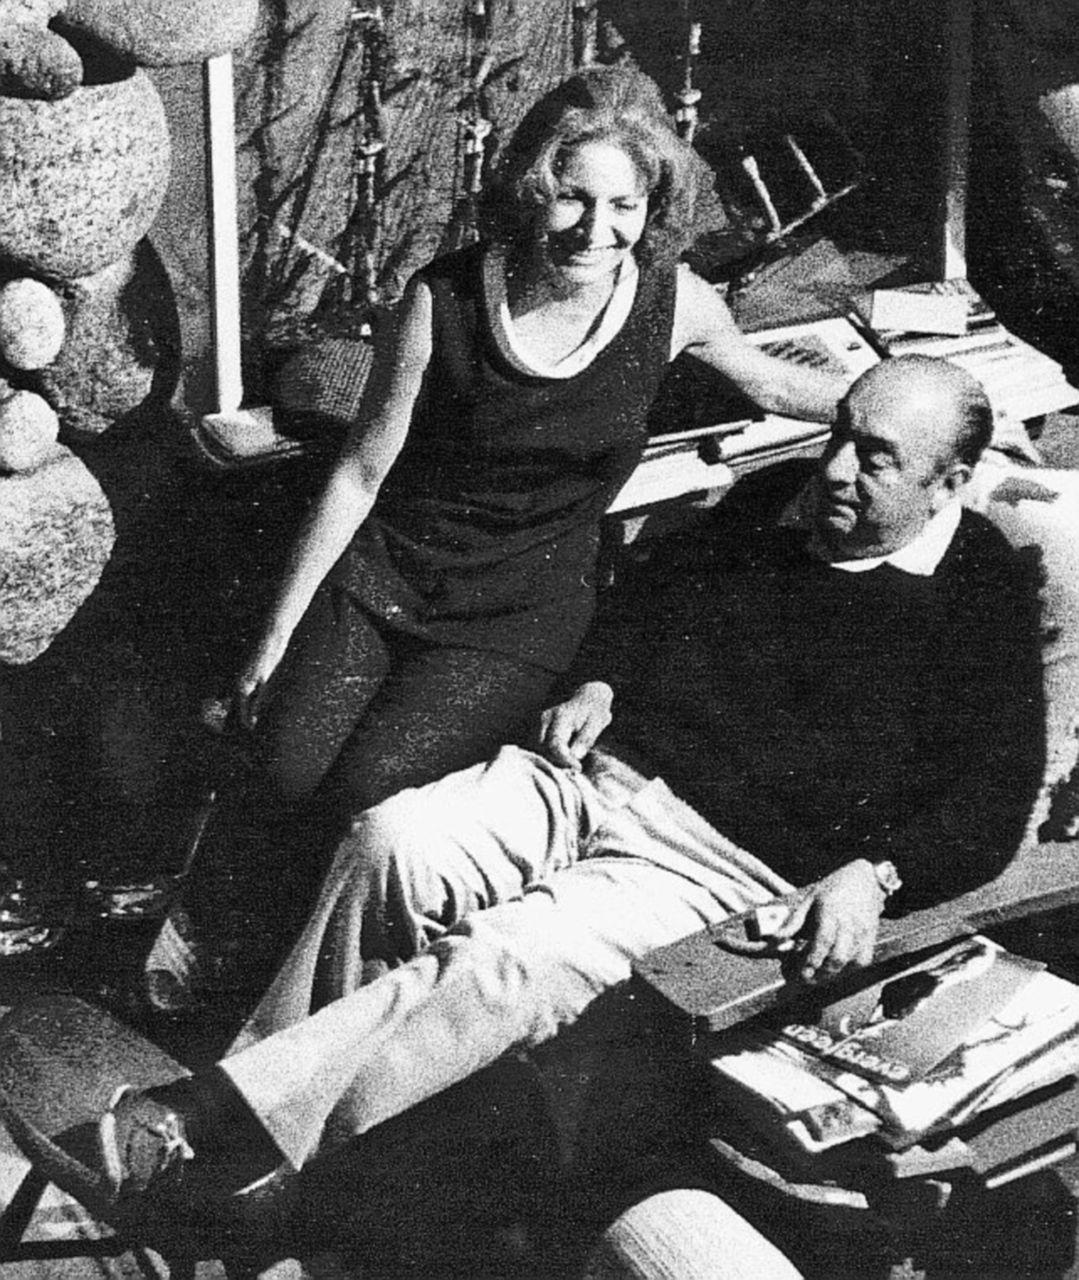 La prima luce di Neruda, una lezione sull'arte sempre nemica del potere